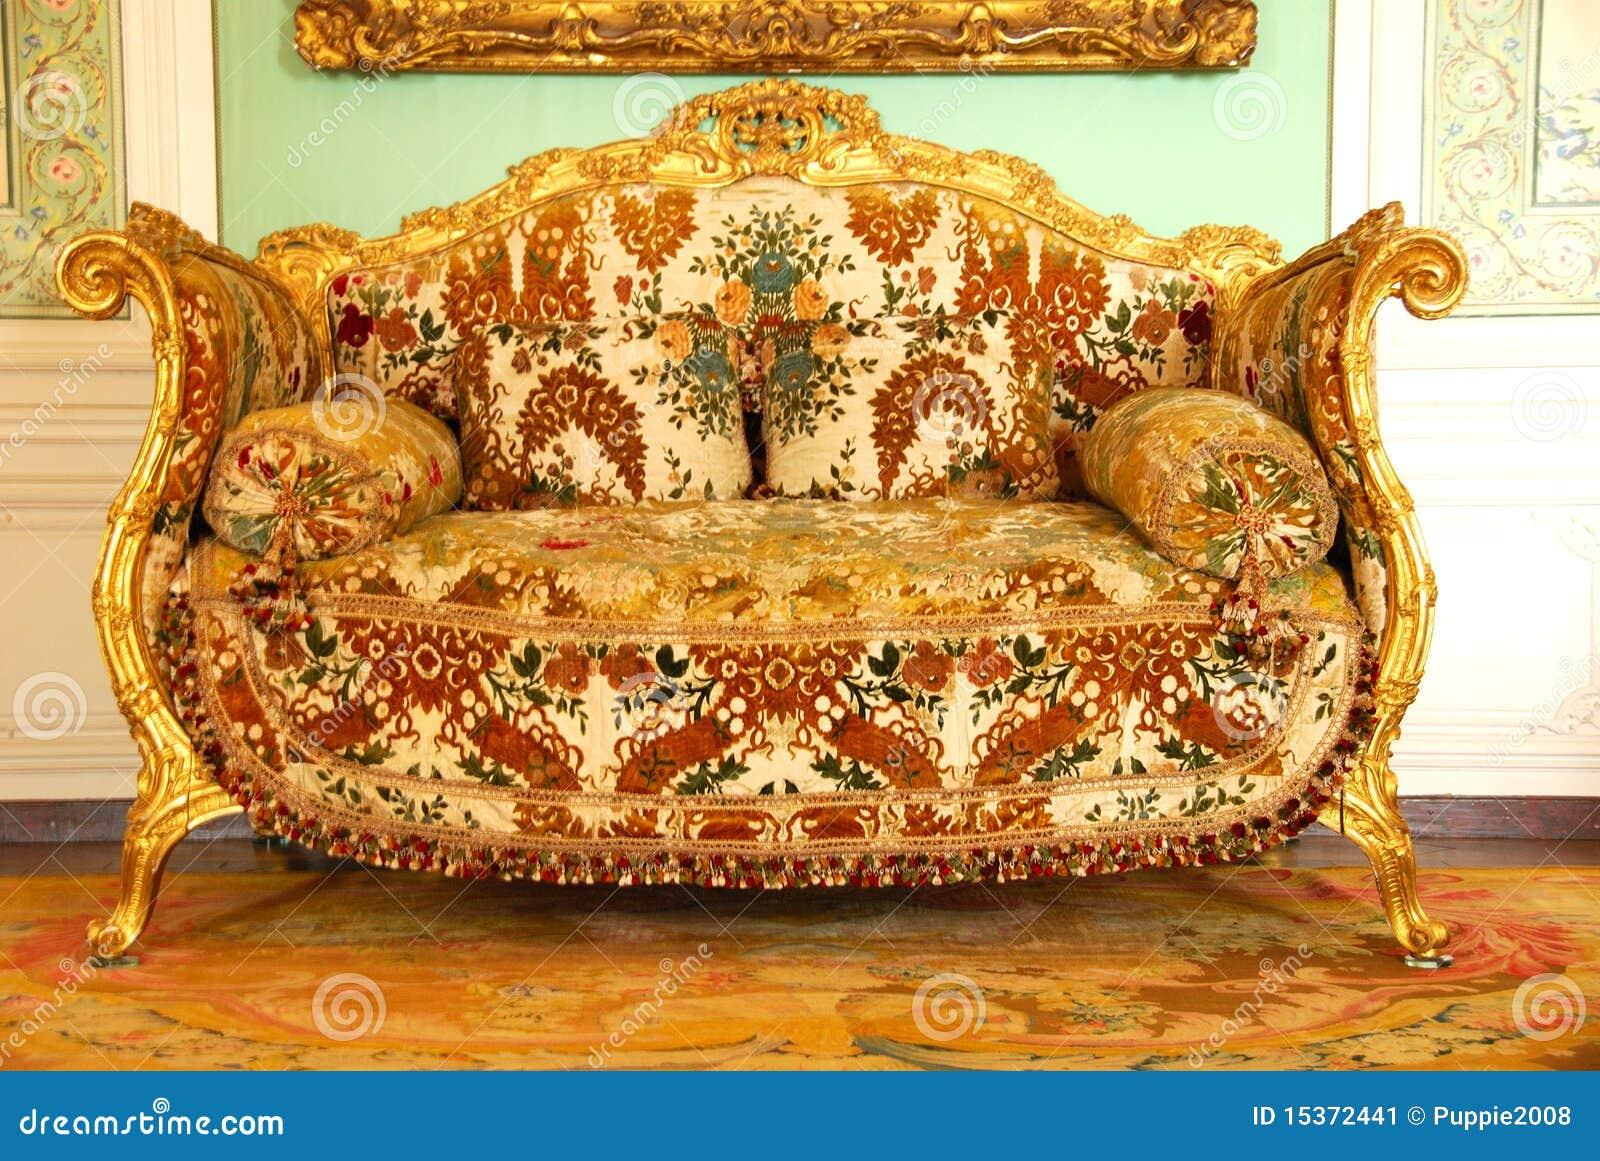 Oud meubilair bij paleis van versailles redactionele foto afbeelding 15372441 - Meubilair van binnenkomst grijs ...